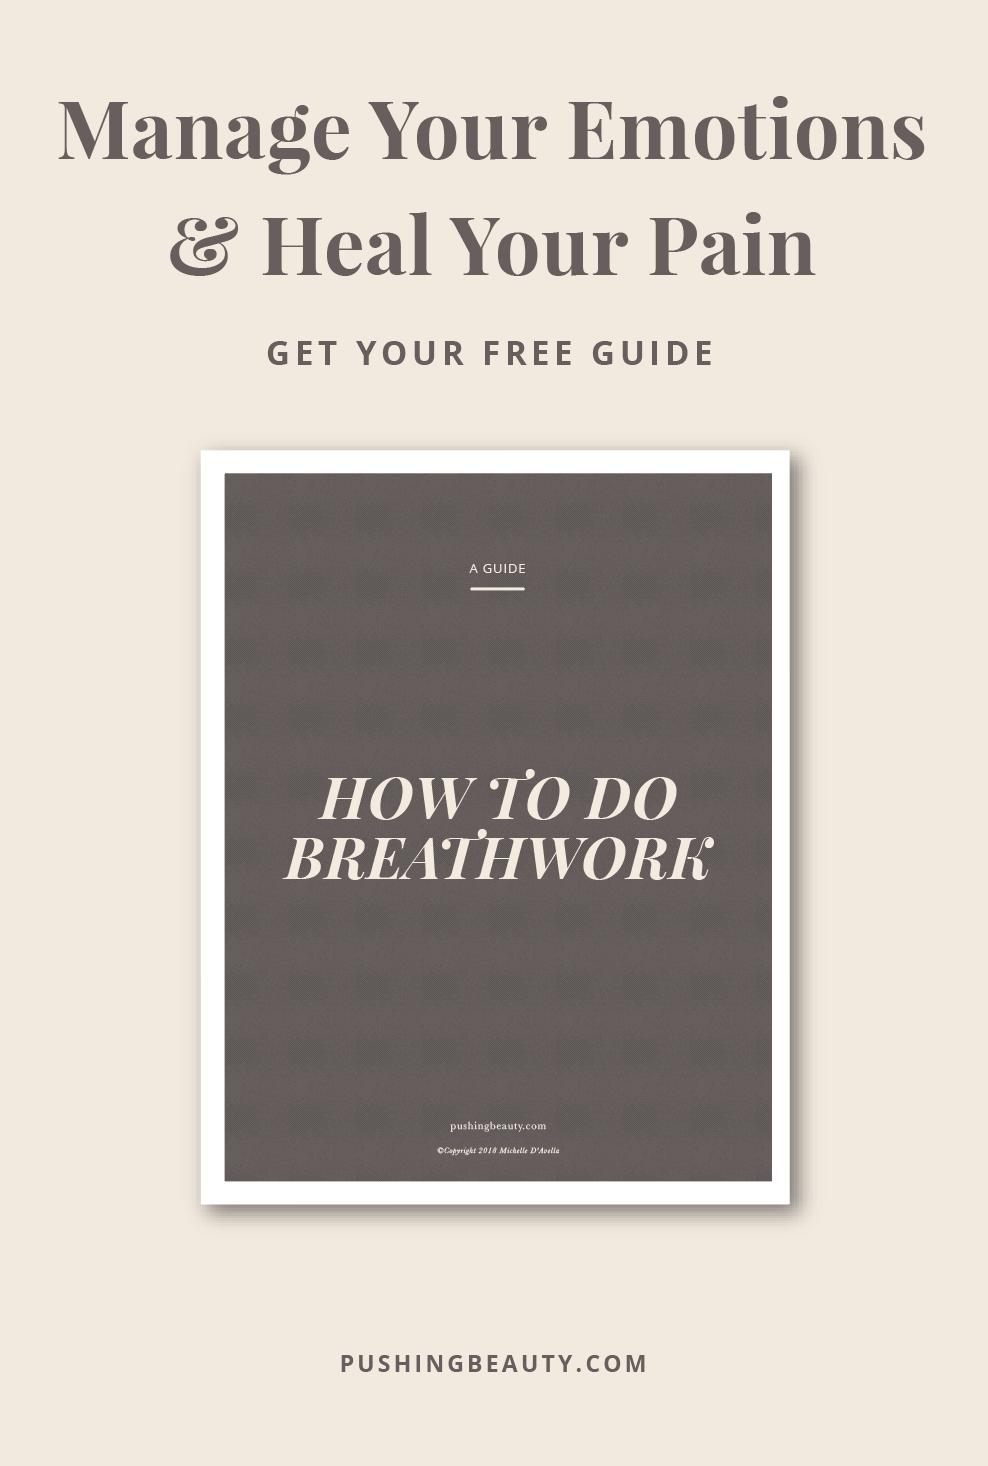 breathwork_healer.png